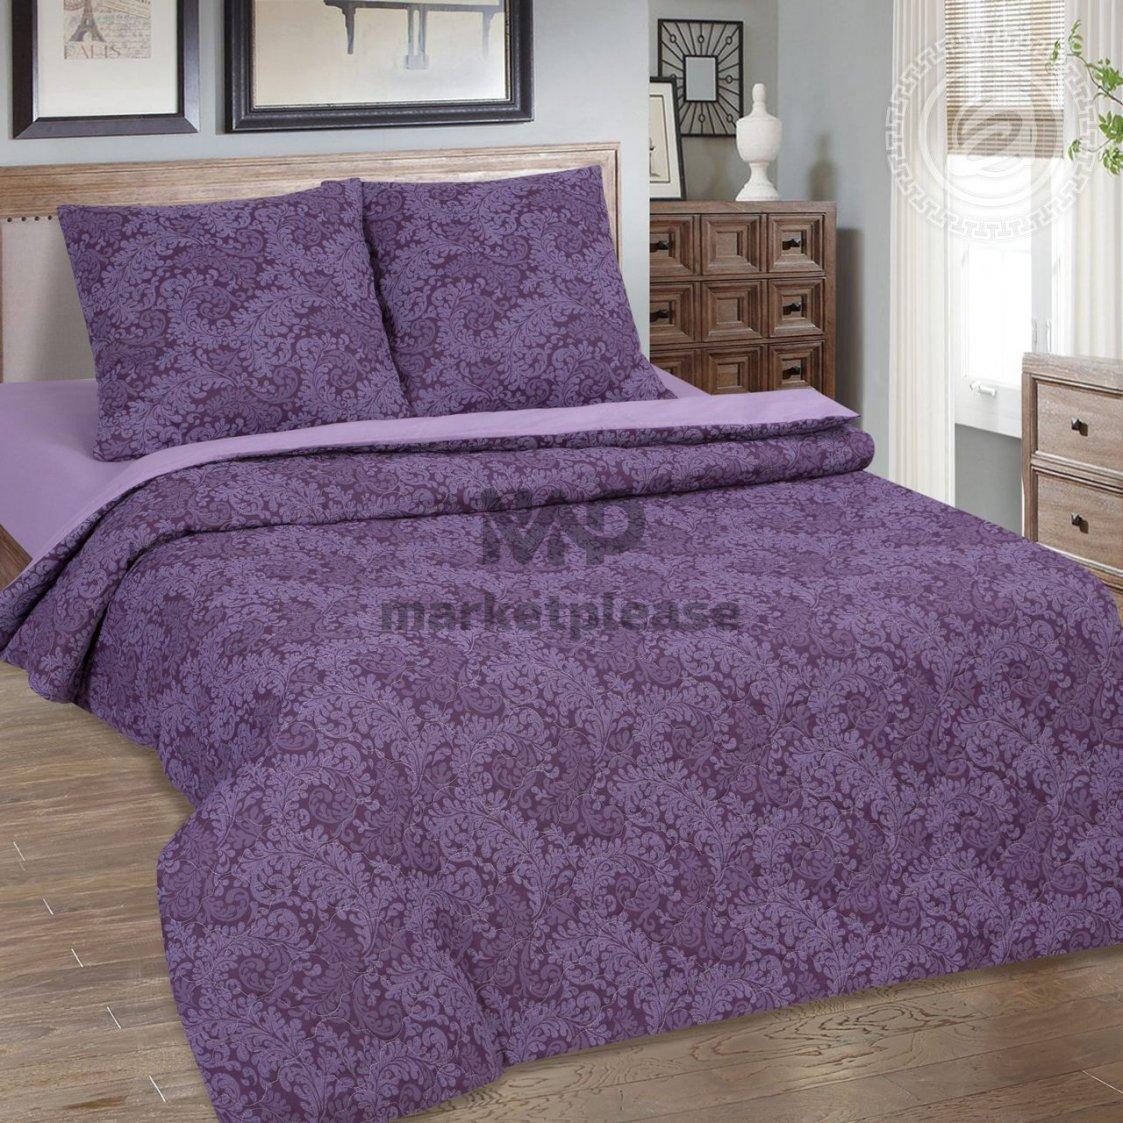 """Рулон ткани поплин """"Вирджиния 2"""" 220 см."""